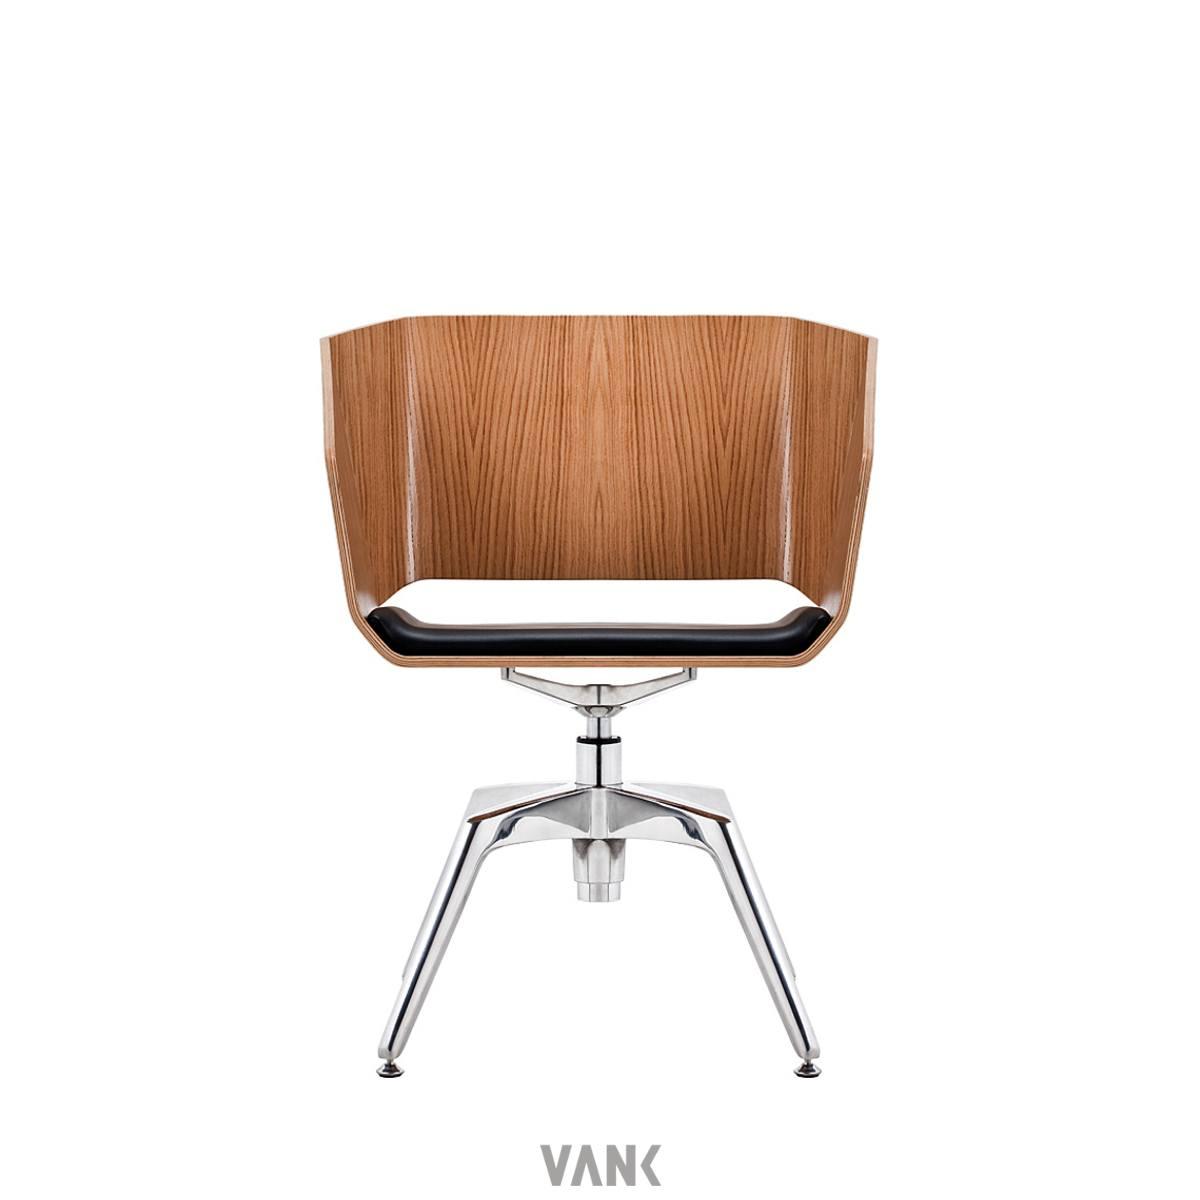 VANK woodi 1